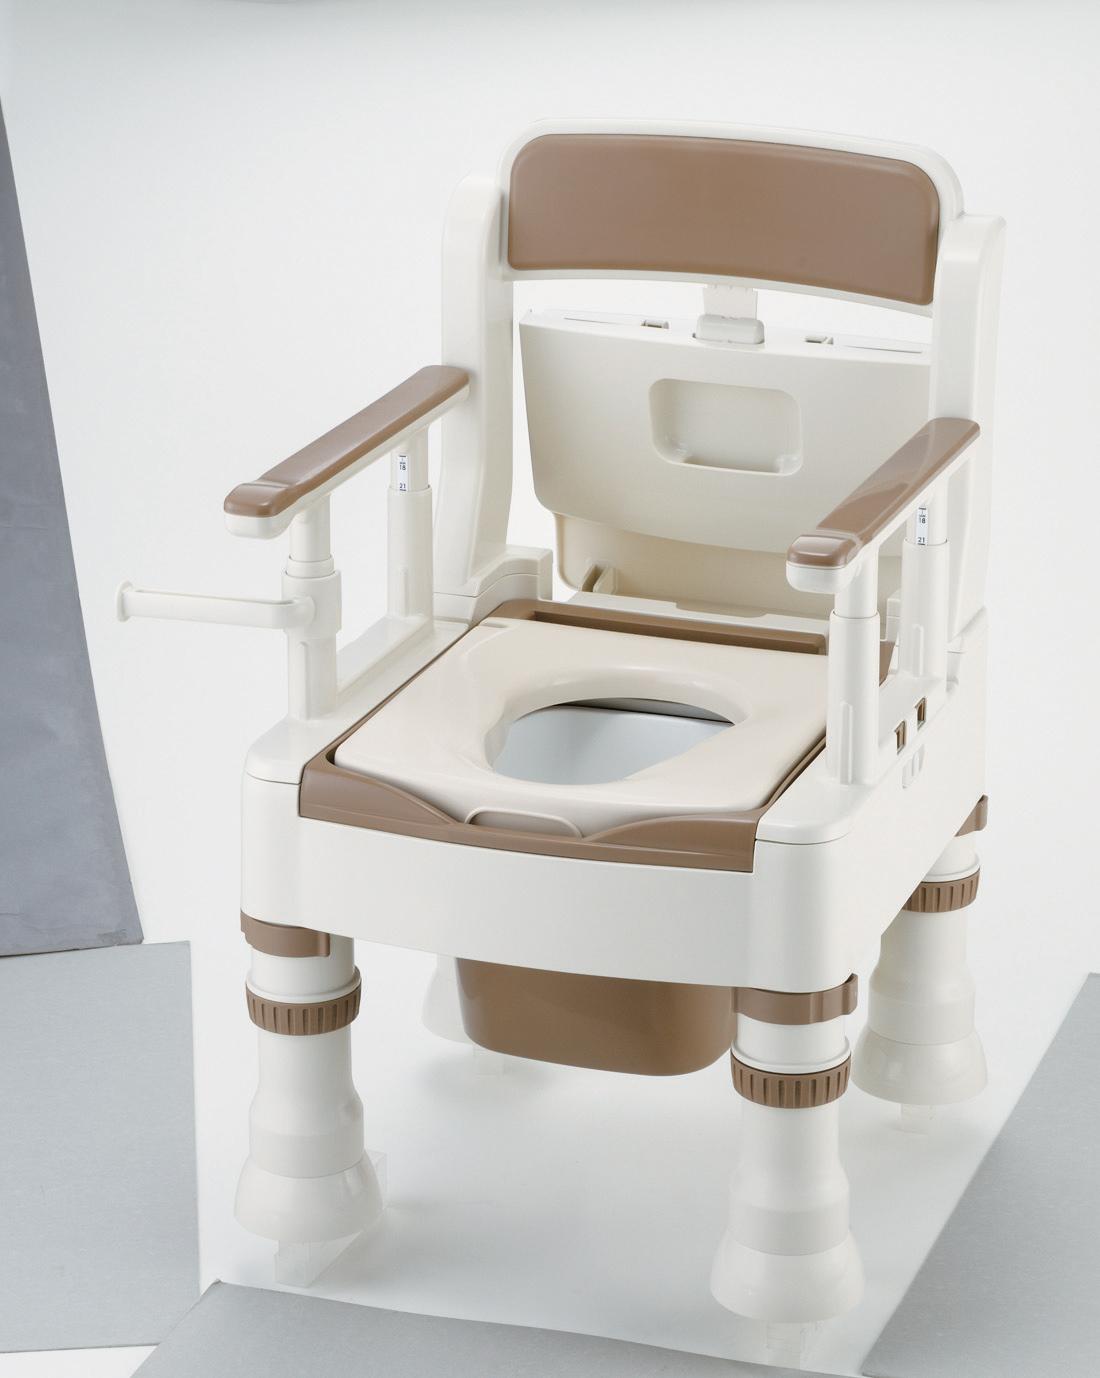 ポータブルトイレ きらく Mシリーズ ミニでか (標準便座)